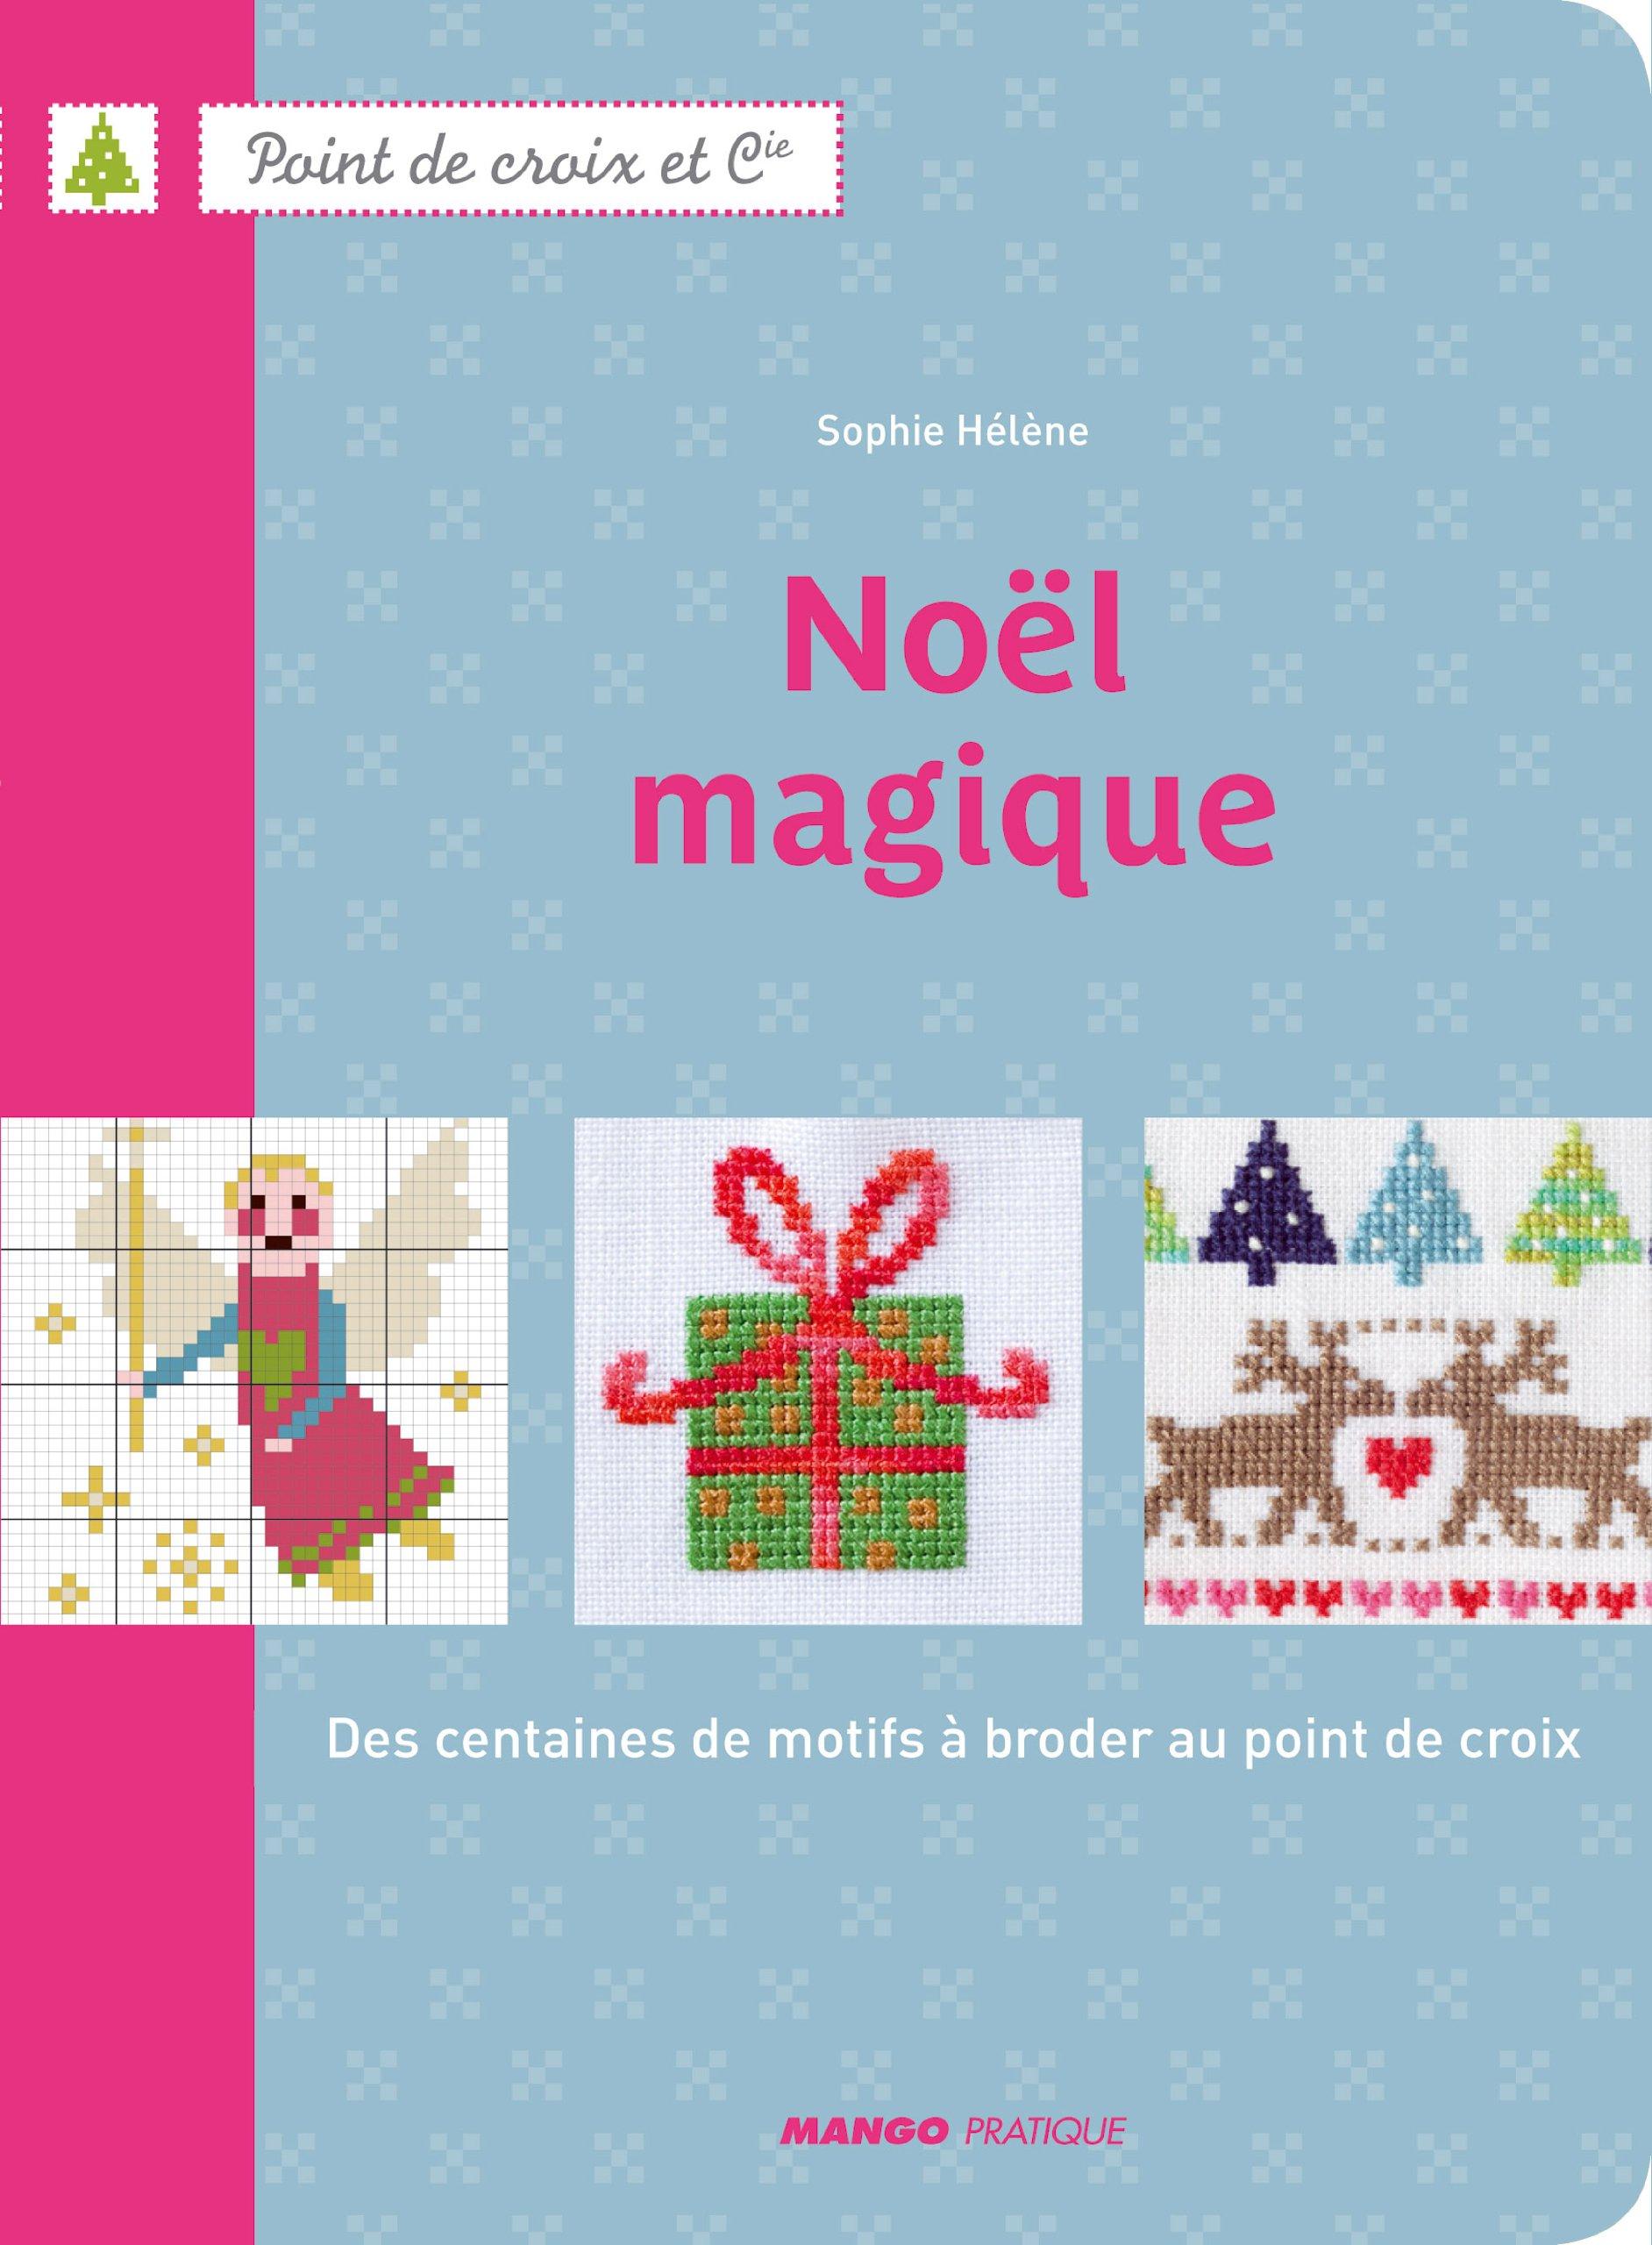 Noël magique - Des centaines de motifs à broder au point de croix